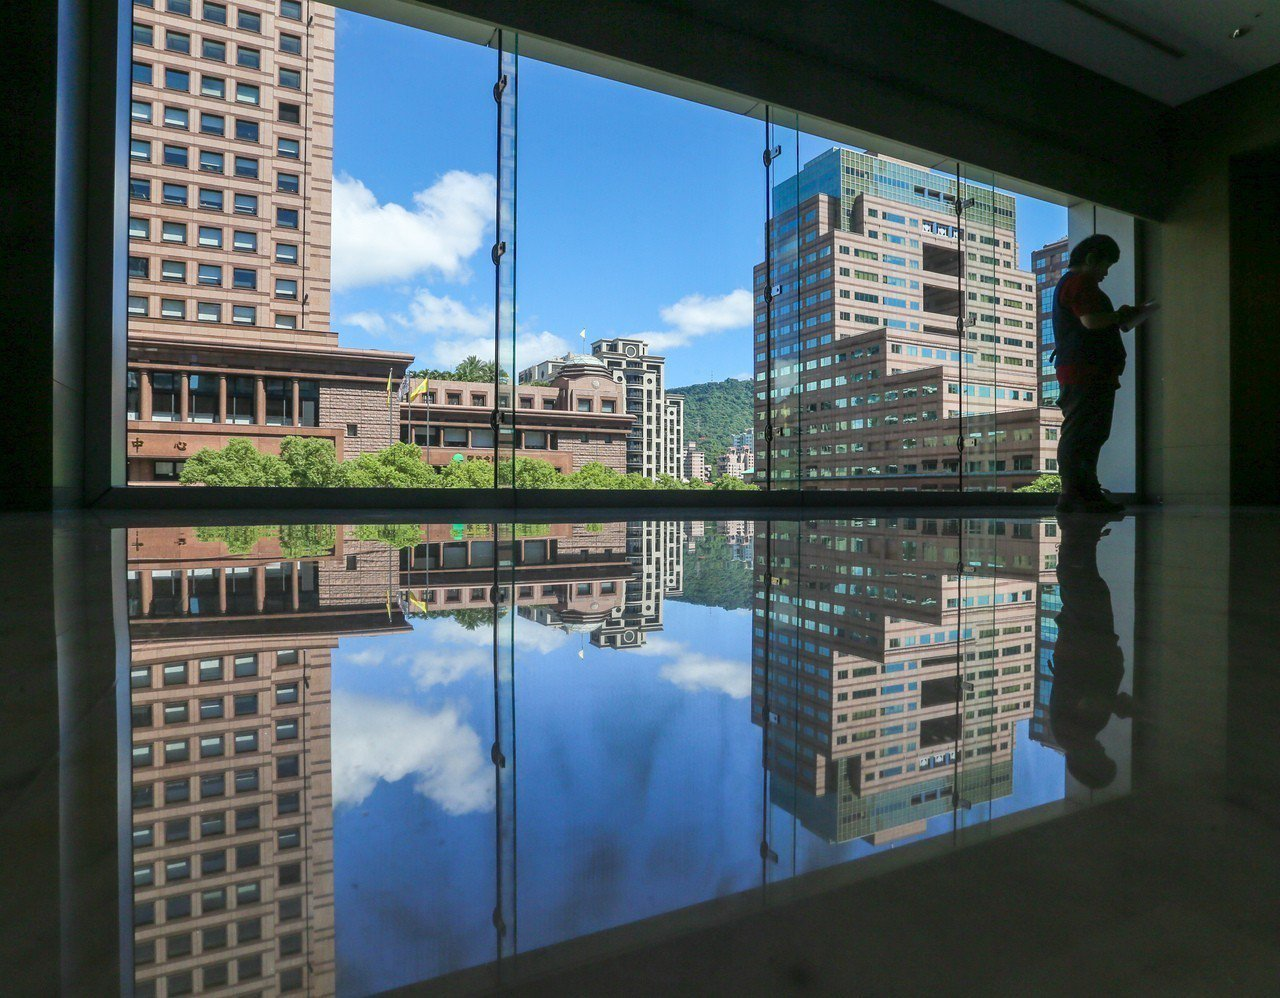 昨天天氣晴朗炎熱穩定,藍天白雲透過玻璃帷幕映照在大樓地板上,形成秋日的特別景色。...